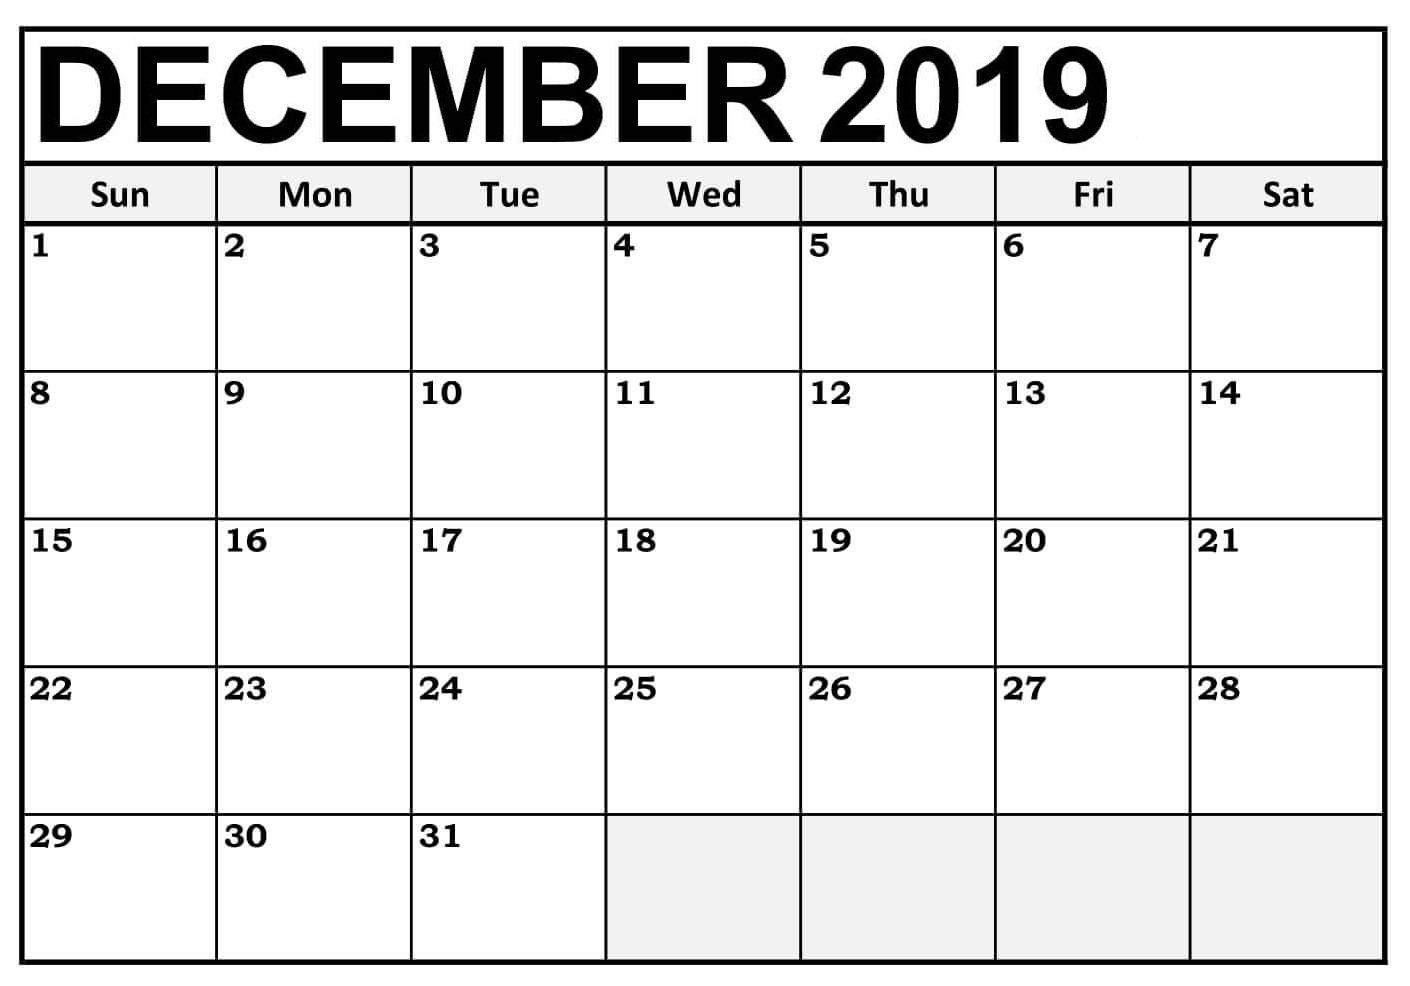 Blank December 2019 Calendar